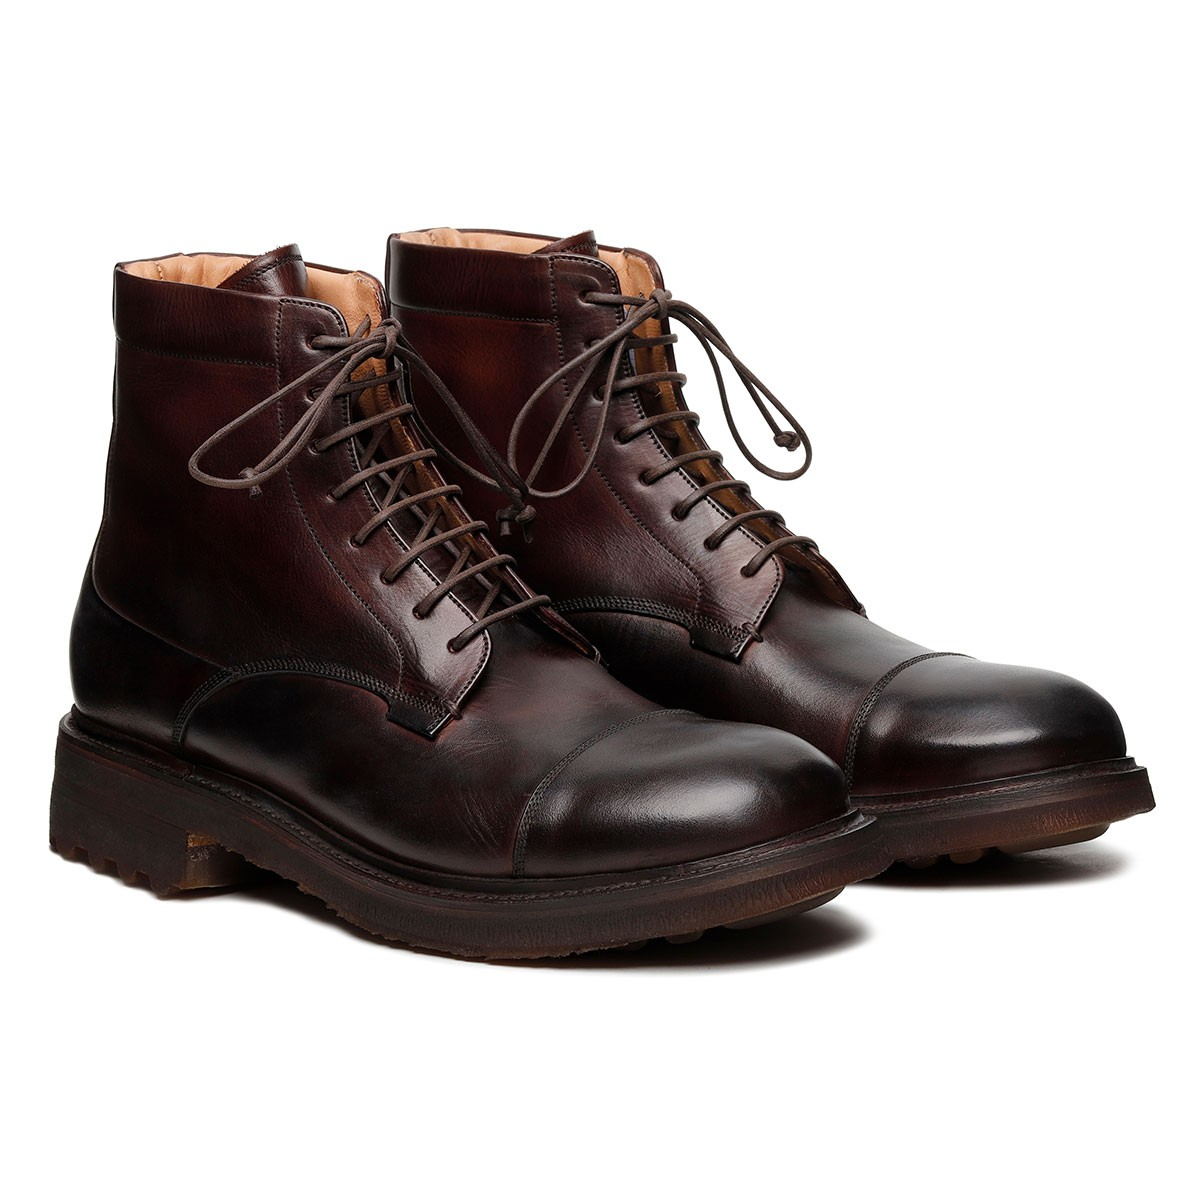 St. Moritz dark brown leather booties